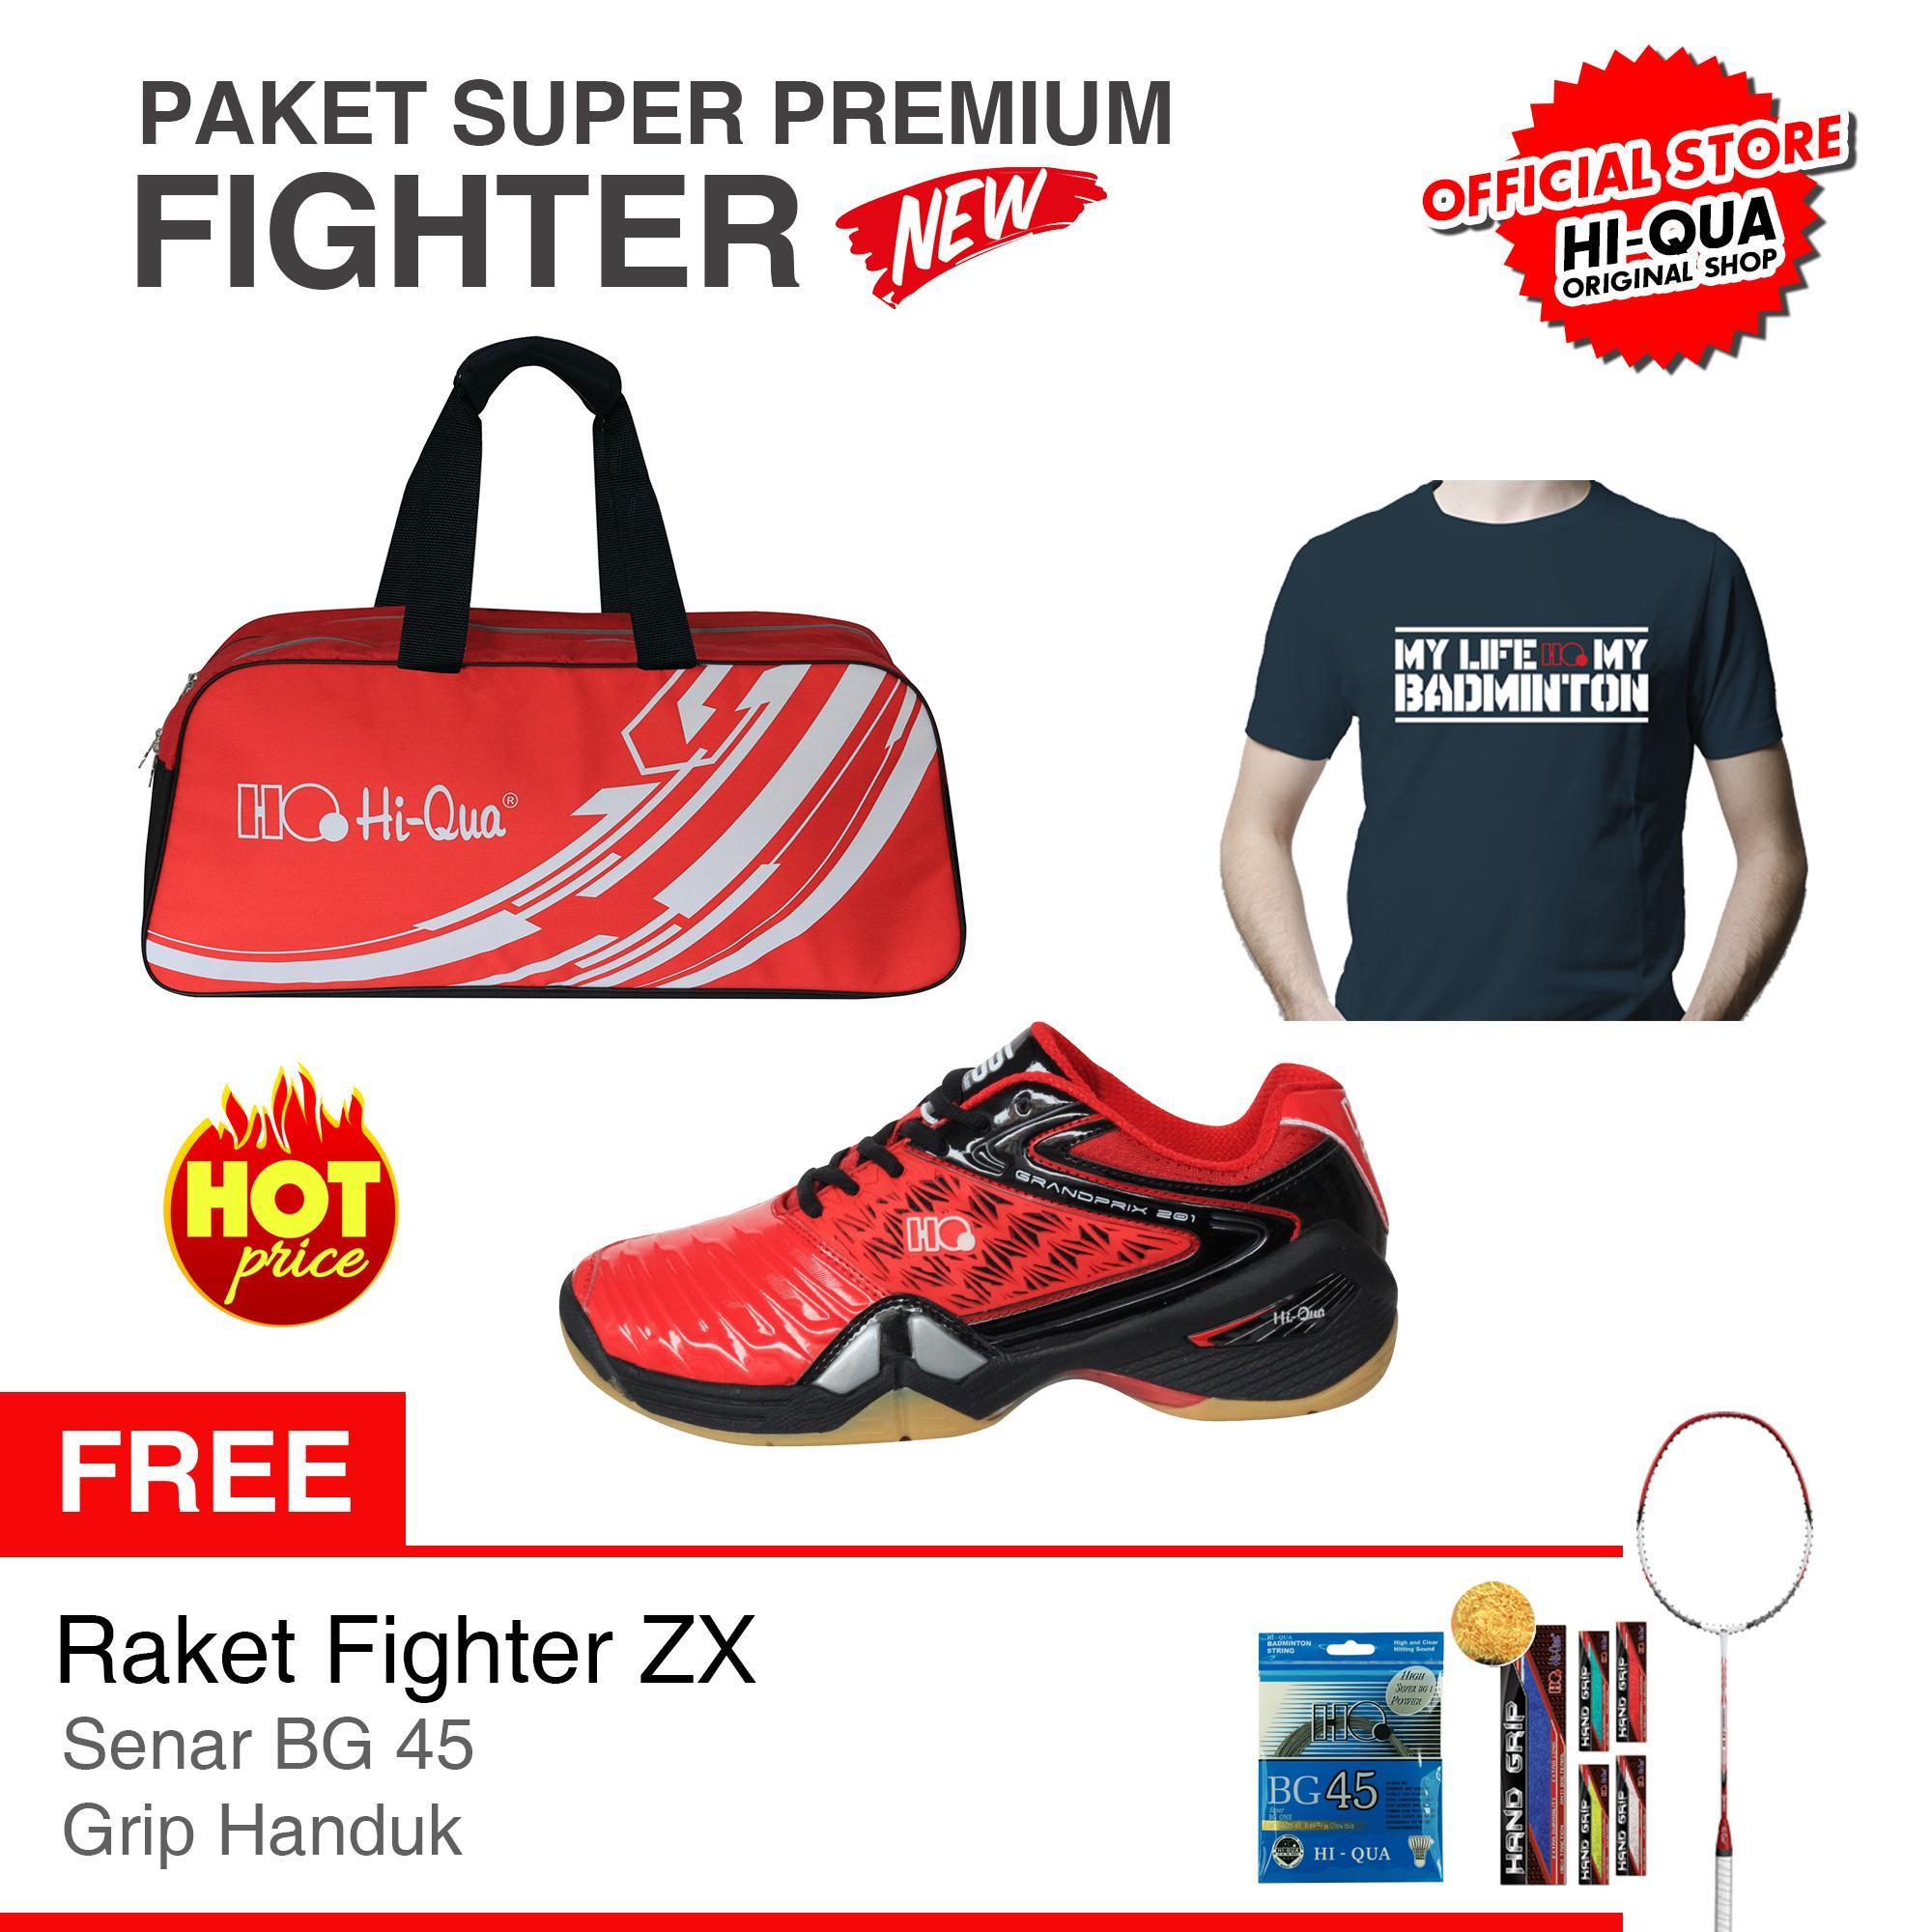 PAKET SUPER PREMIUM FIGHTER Hi-Qua ! 9904fd874d